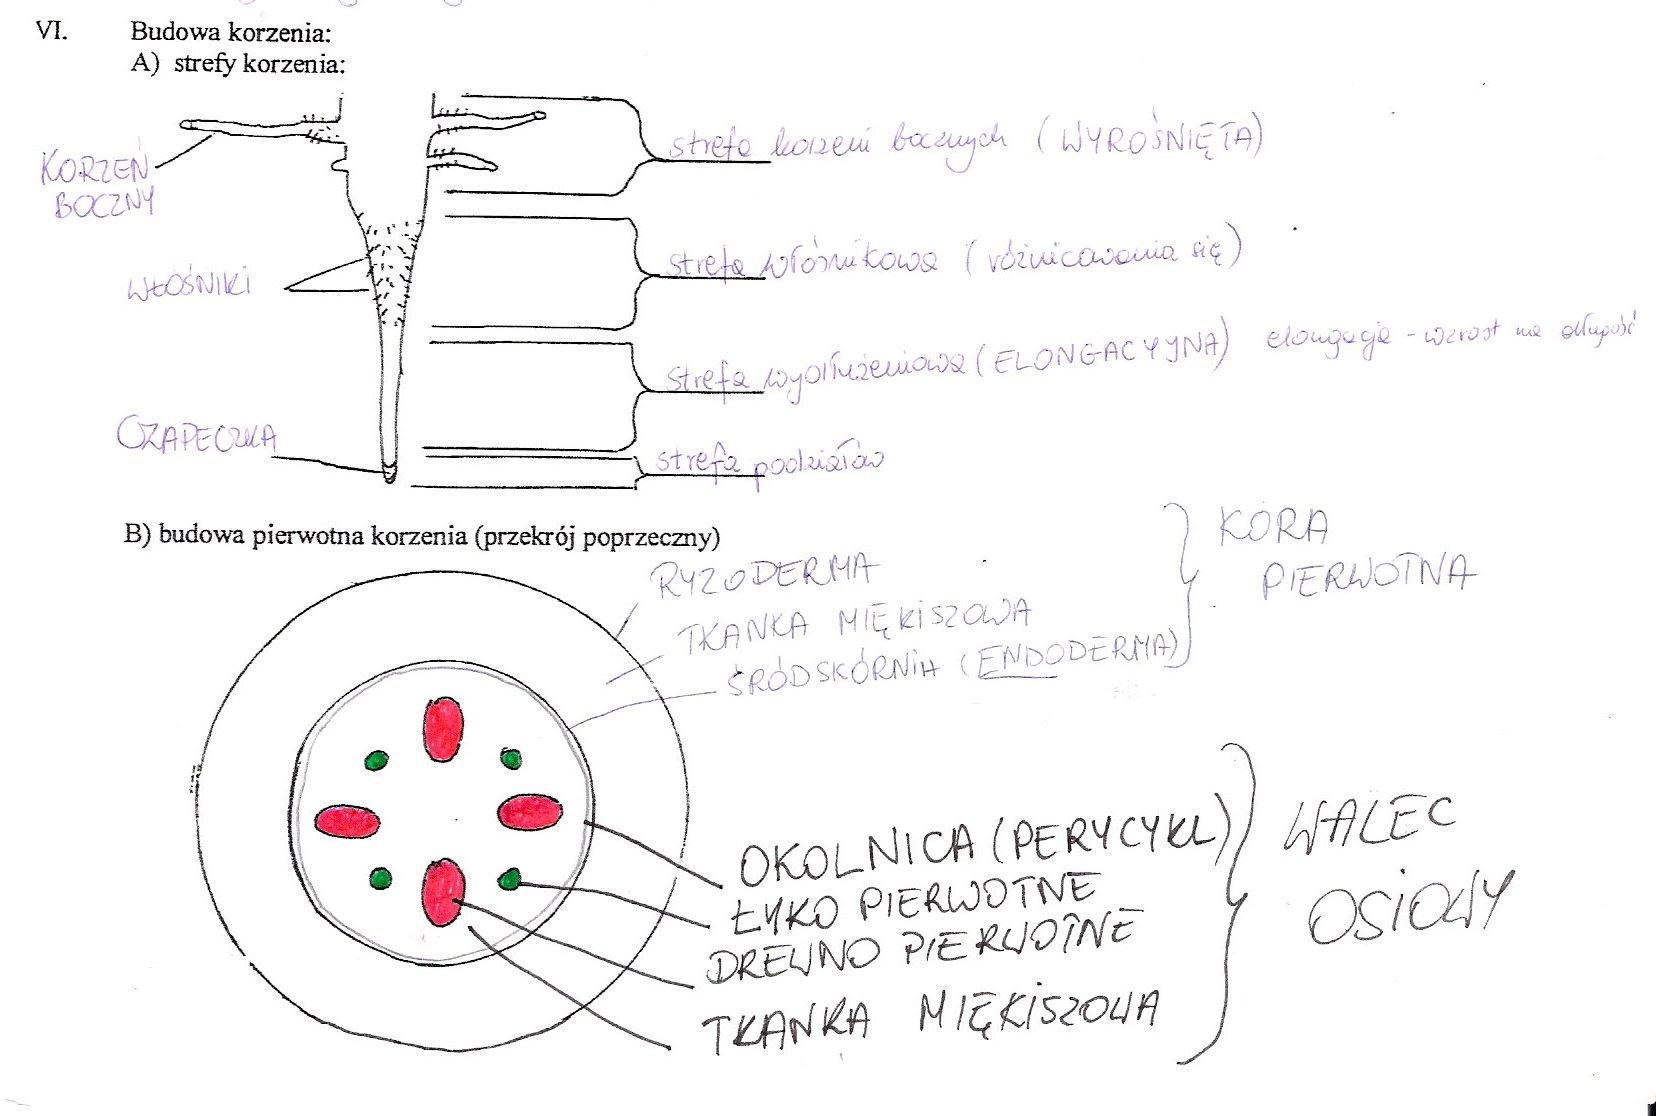 Opisz Budowe Anatomiczna I Morfologiczna Korzenia Lodygi Liscia I